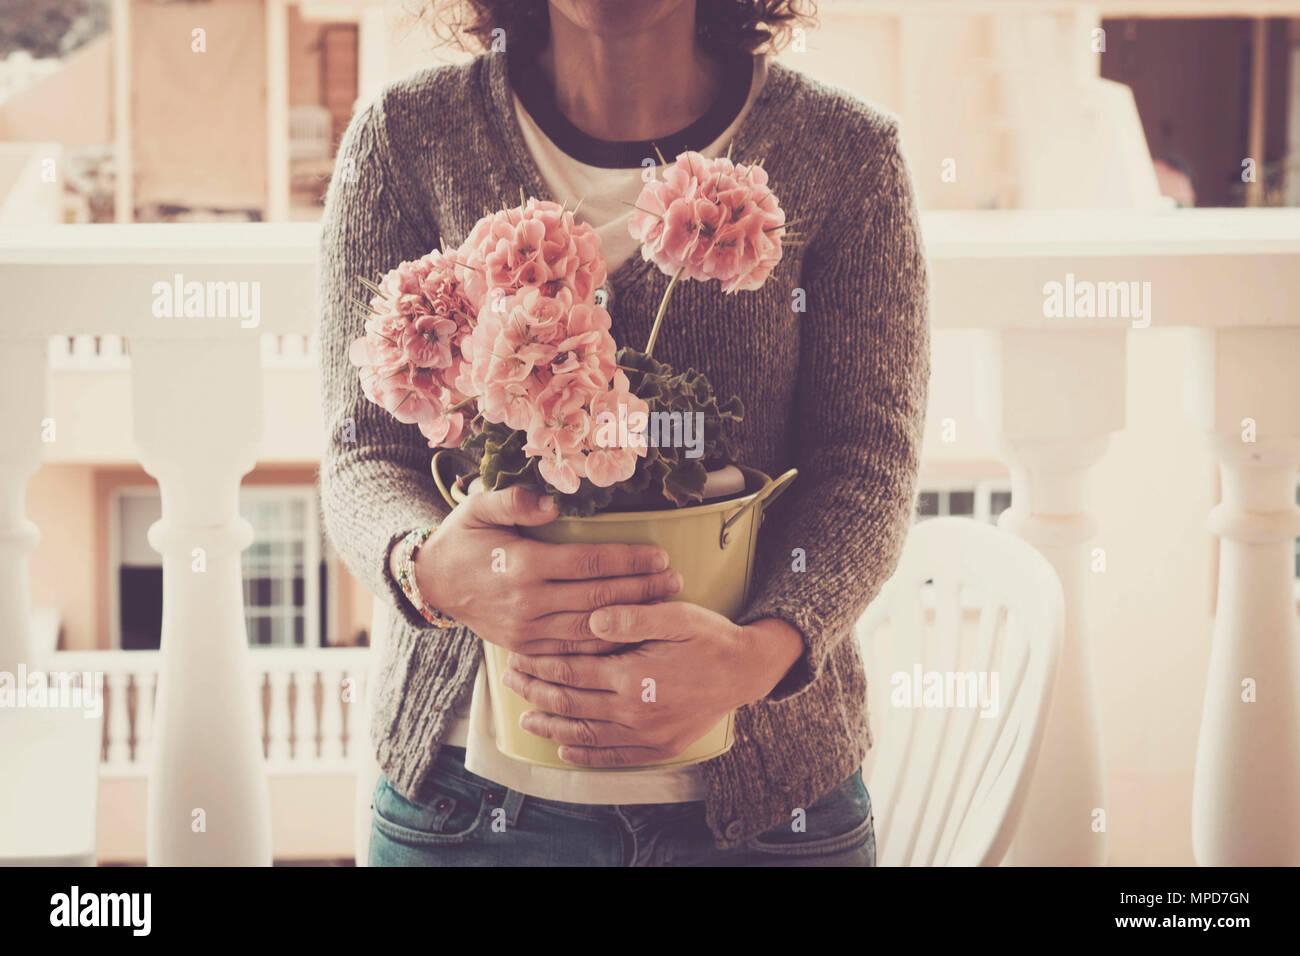 Mujer caucásica edad media con gran jarrón de flores al aire libre en la terraza con sol. Concepto bohemien romántico estilo hippy Imagen De Stock